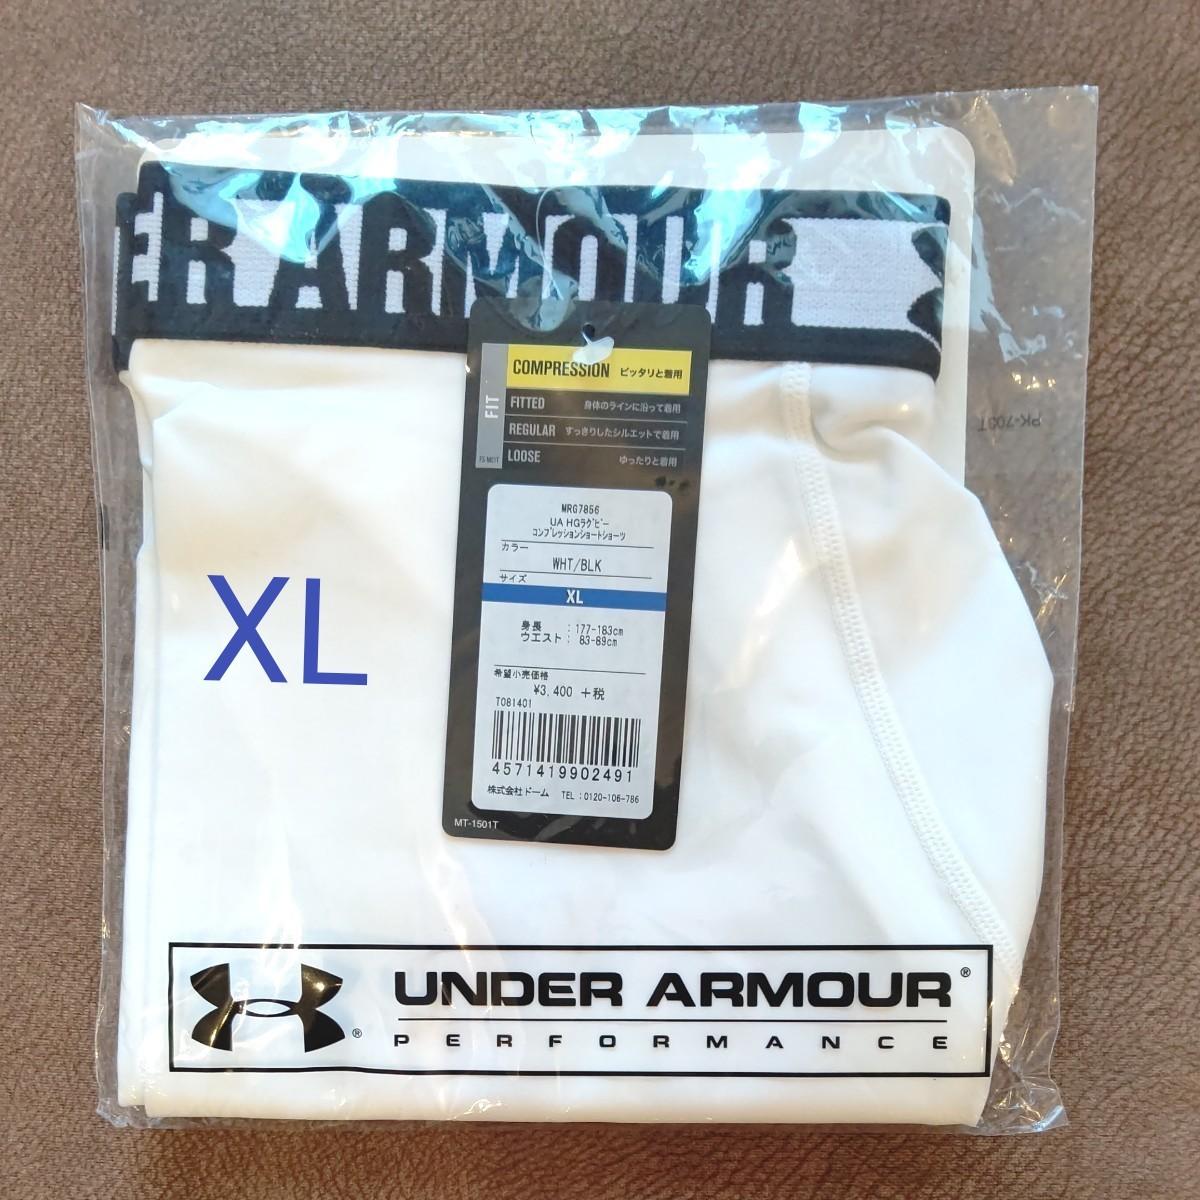 UNDER ARMOURコンプレッションショートショーツXL